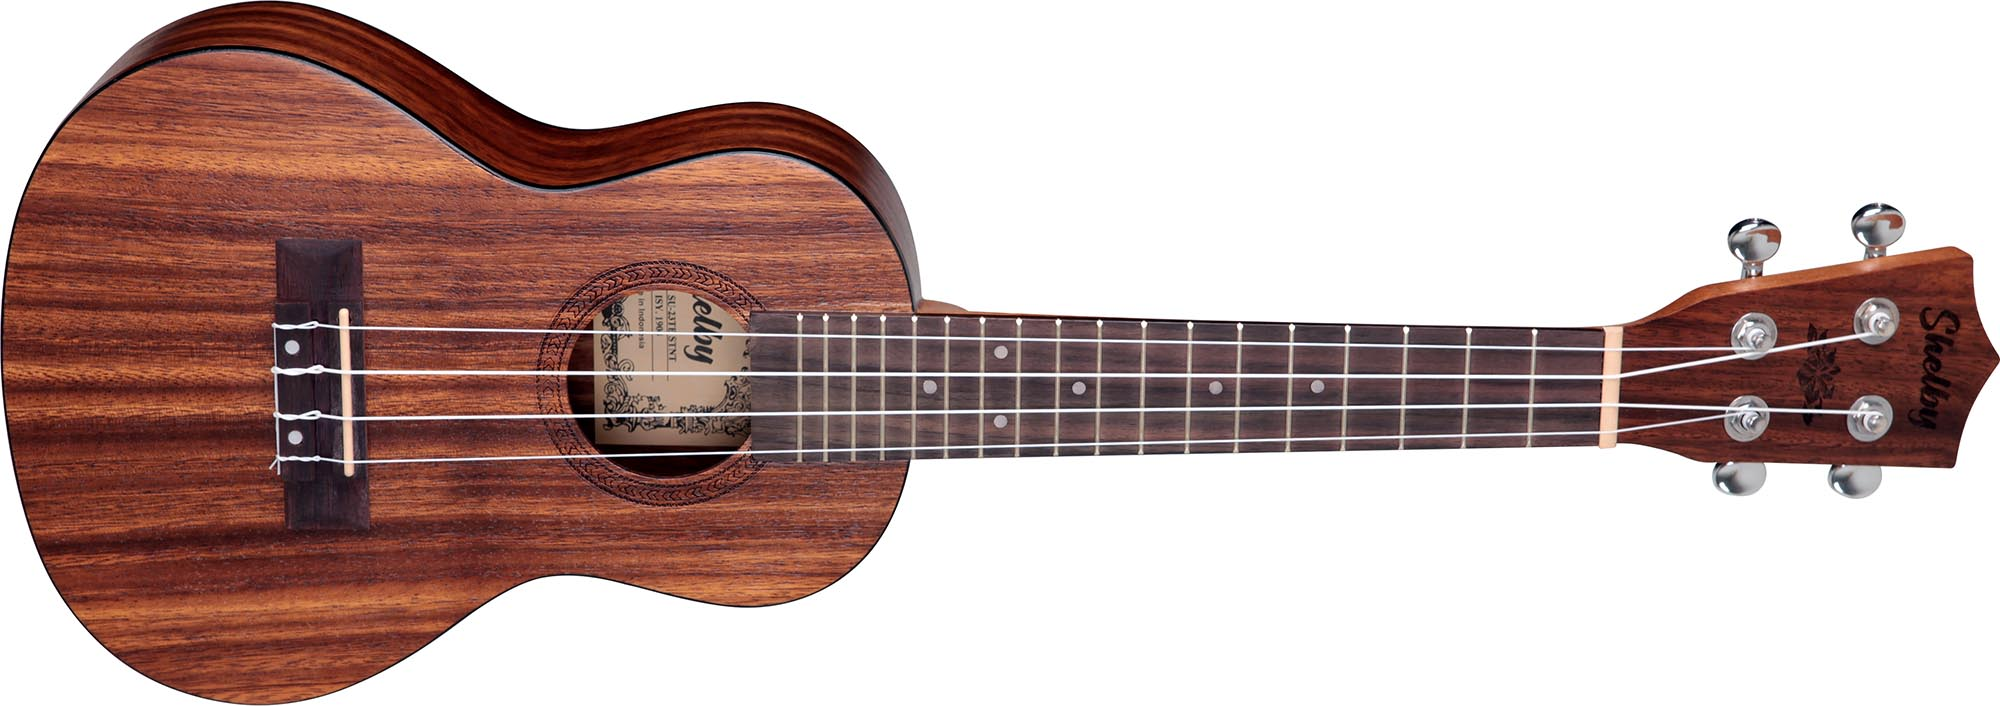 su23t ukulele concerto shelby su23t stnt teca acetinado visao frontal